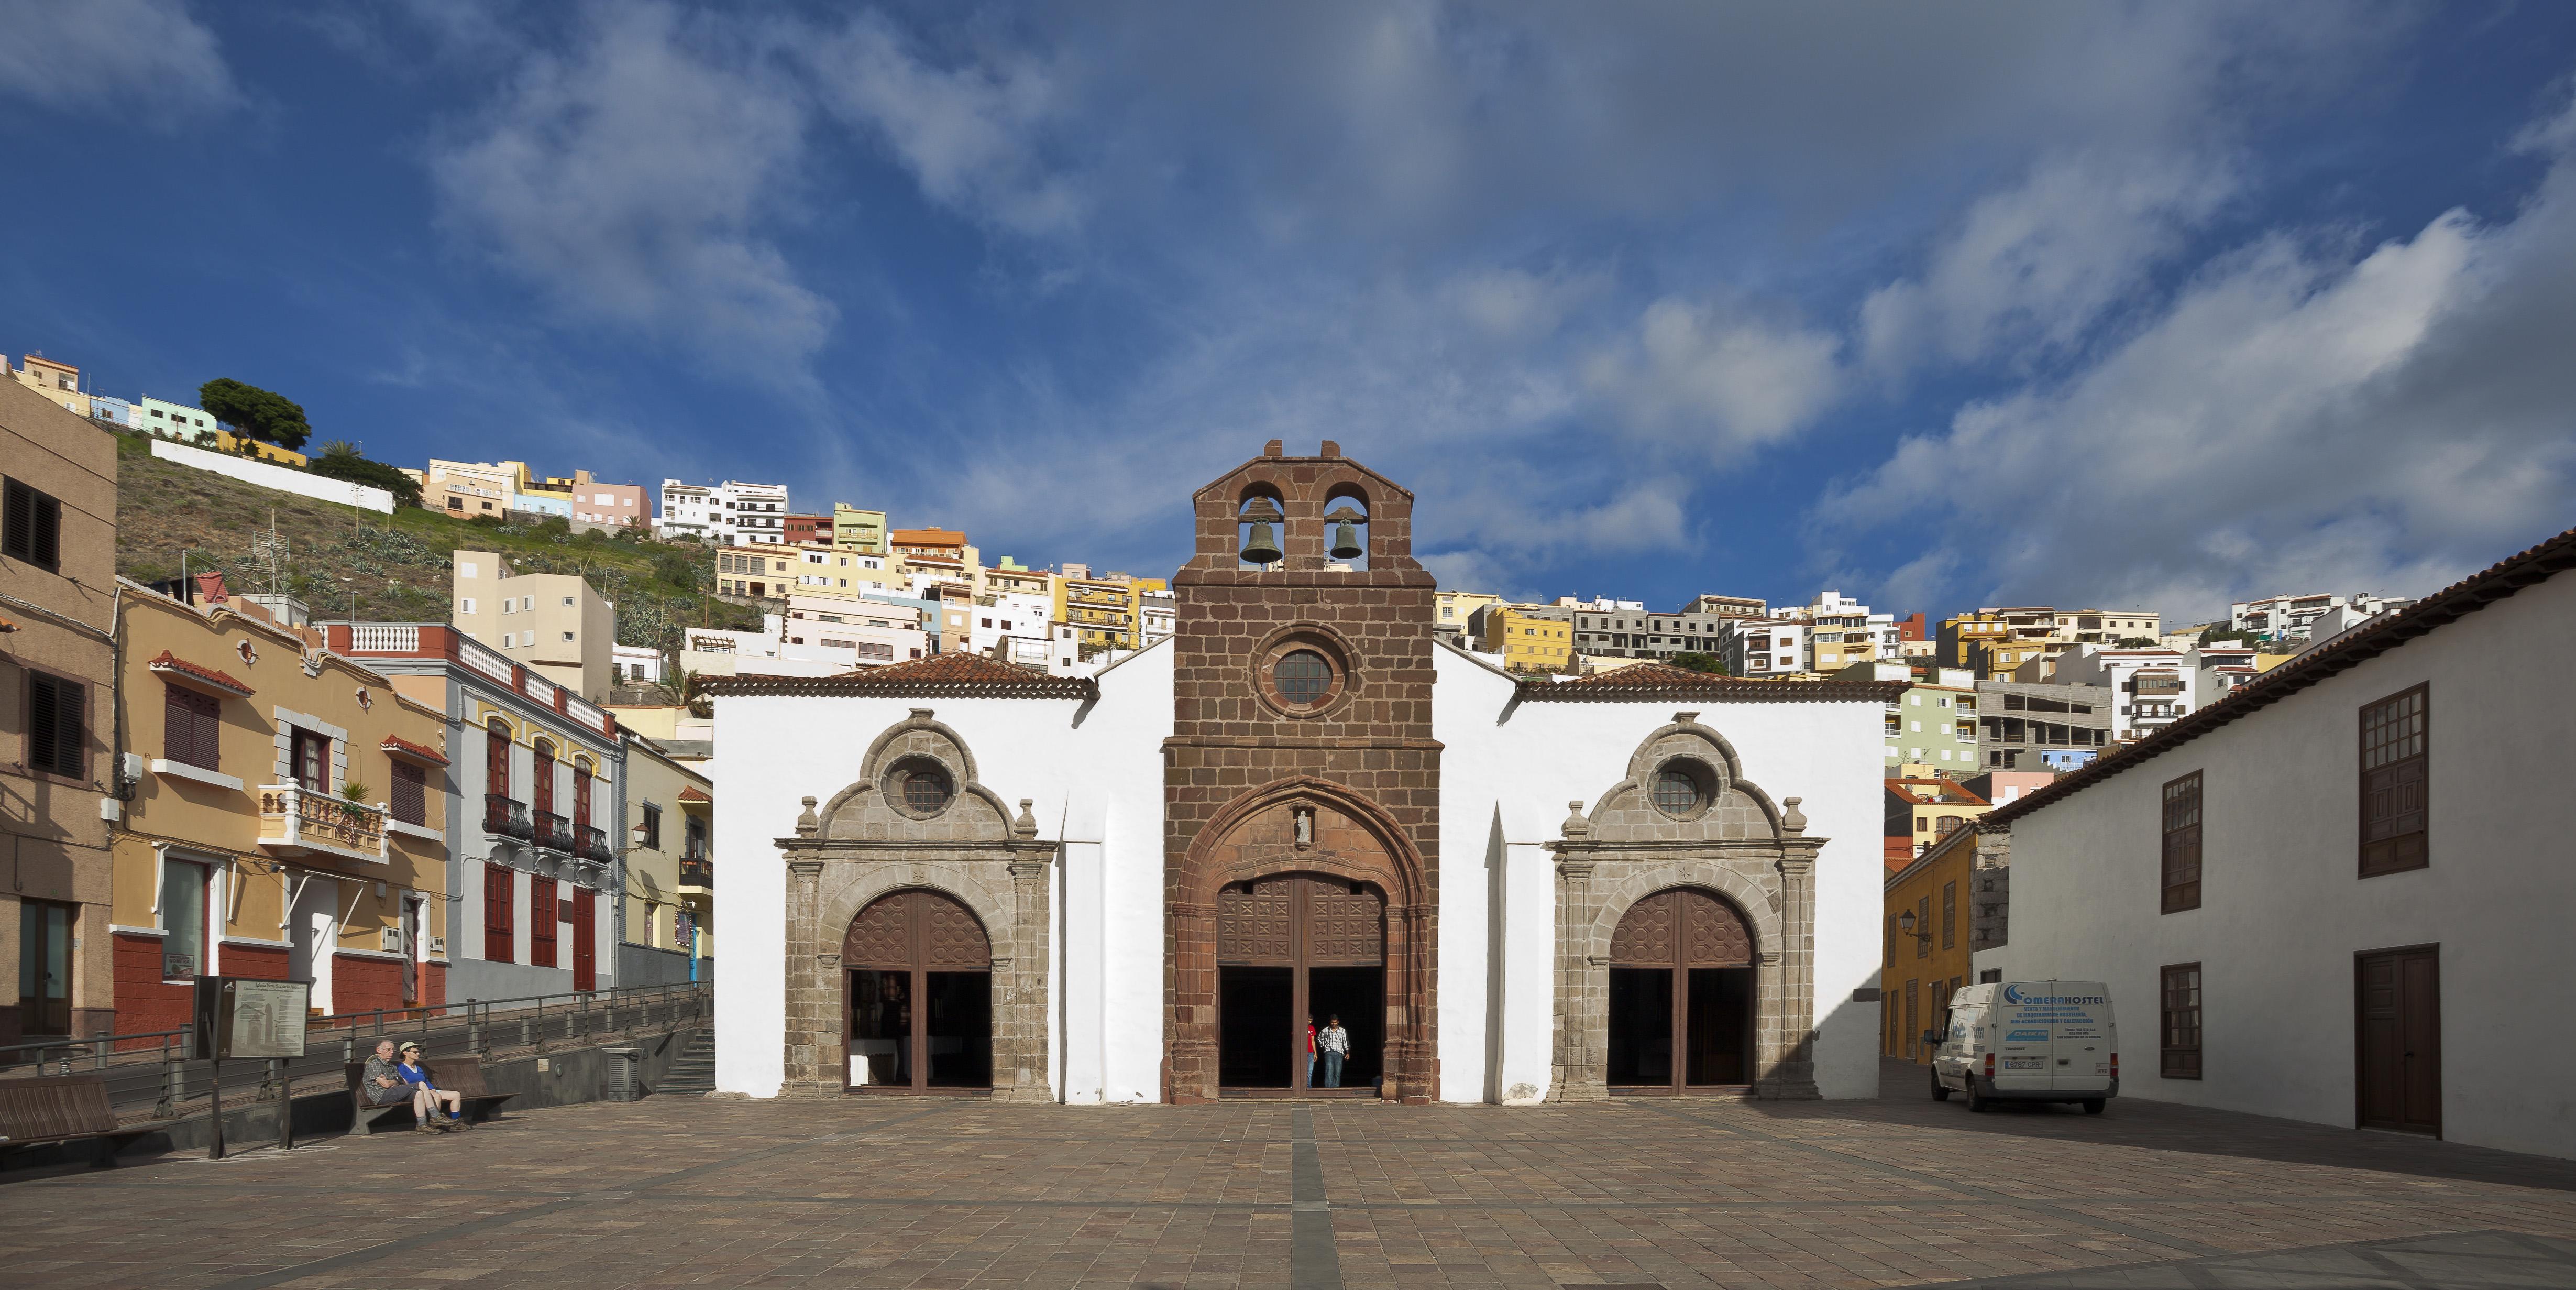 San Sebastian de la Gomer Spain  city images : de Nuestra Señora de la Asunción, San Sebastián de la Gomera, La ...